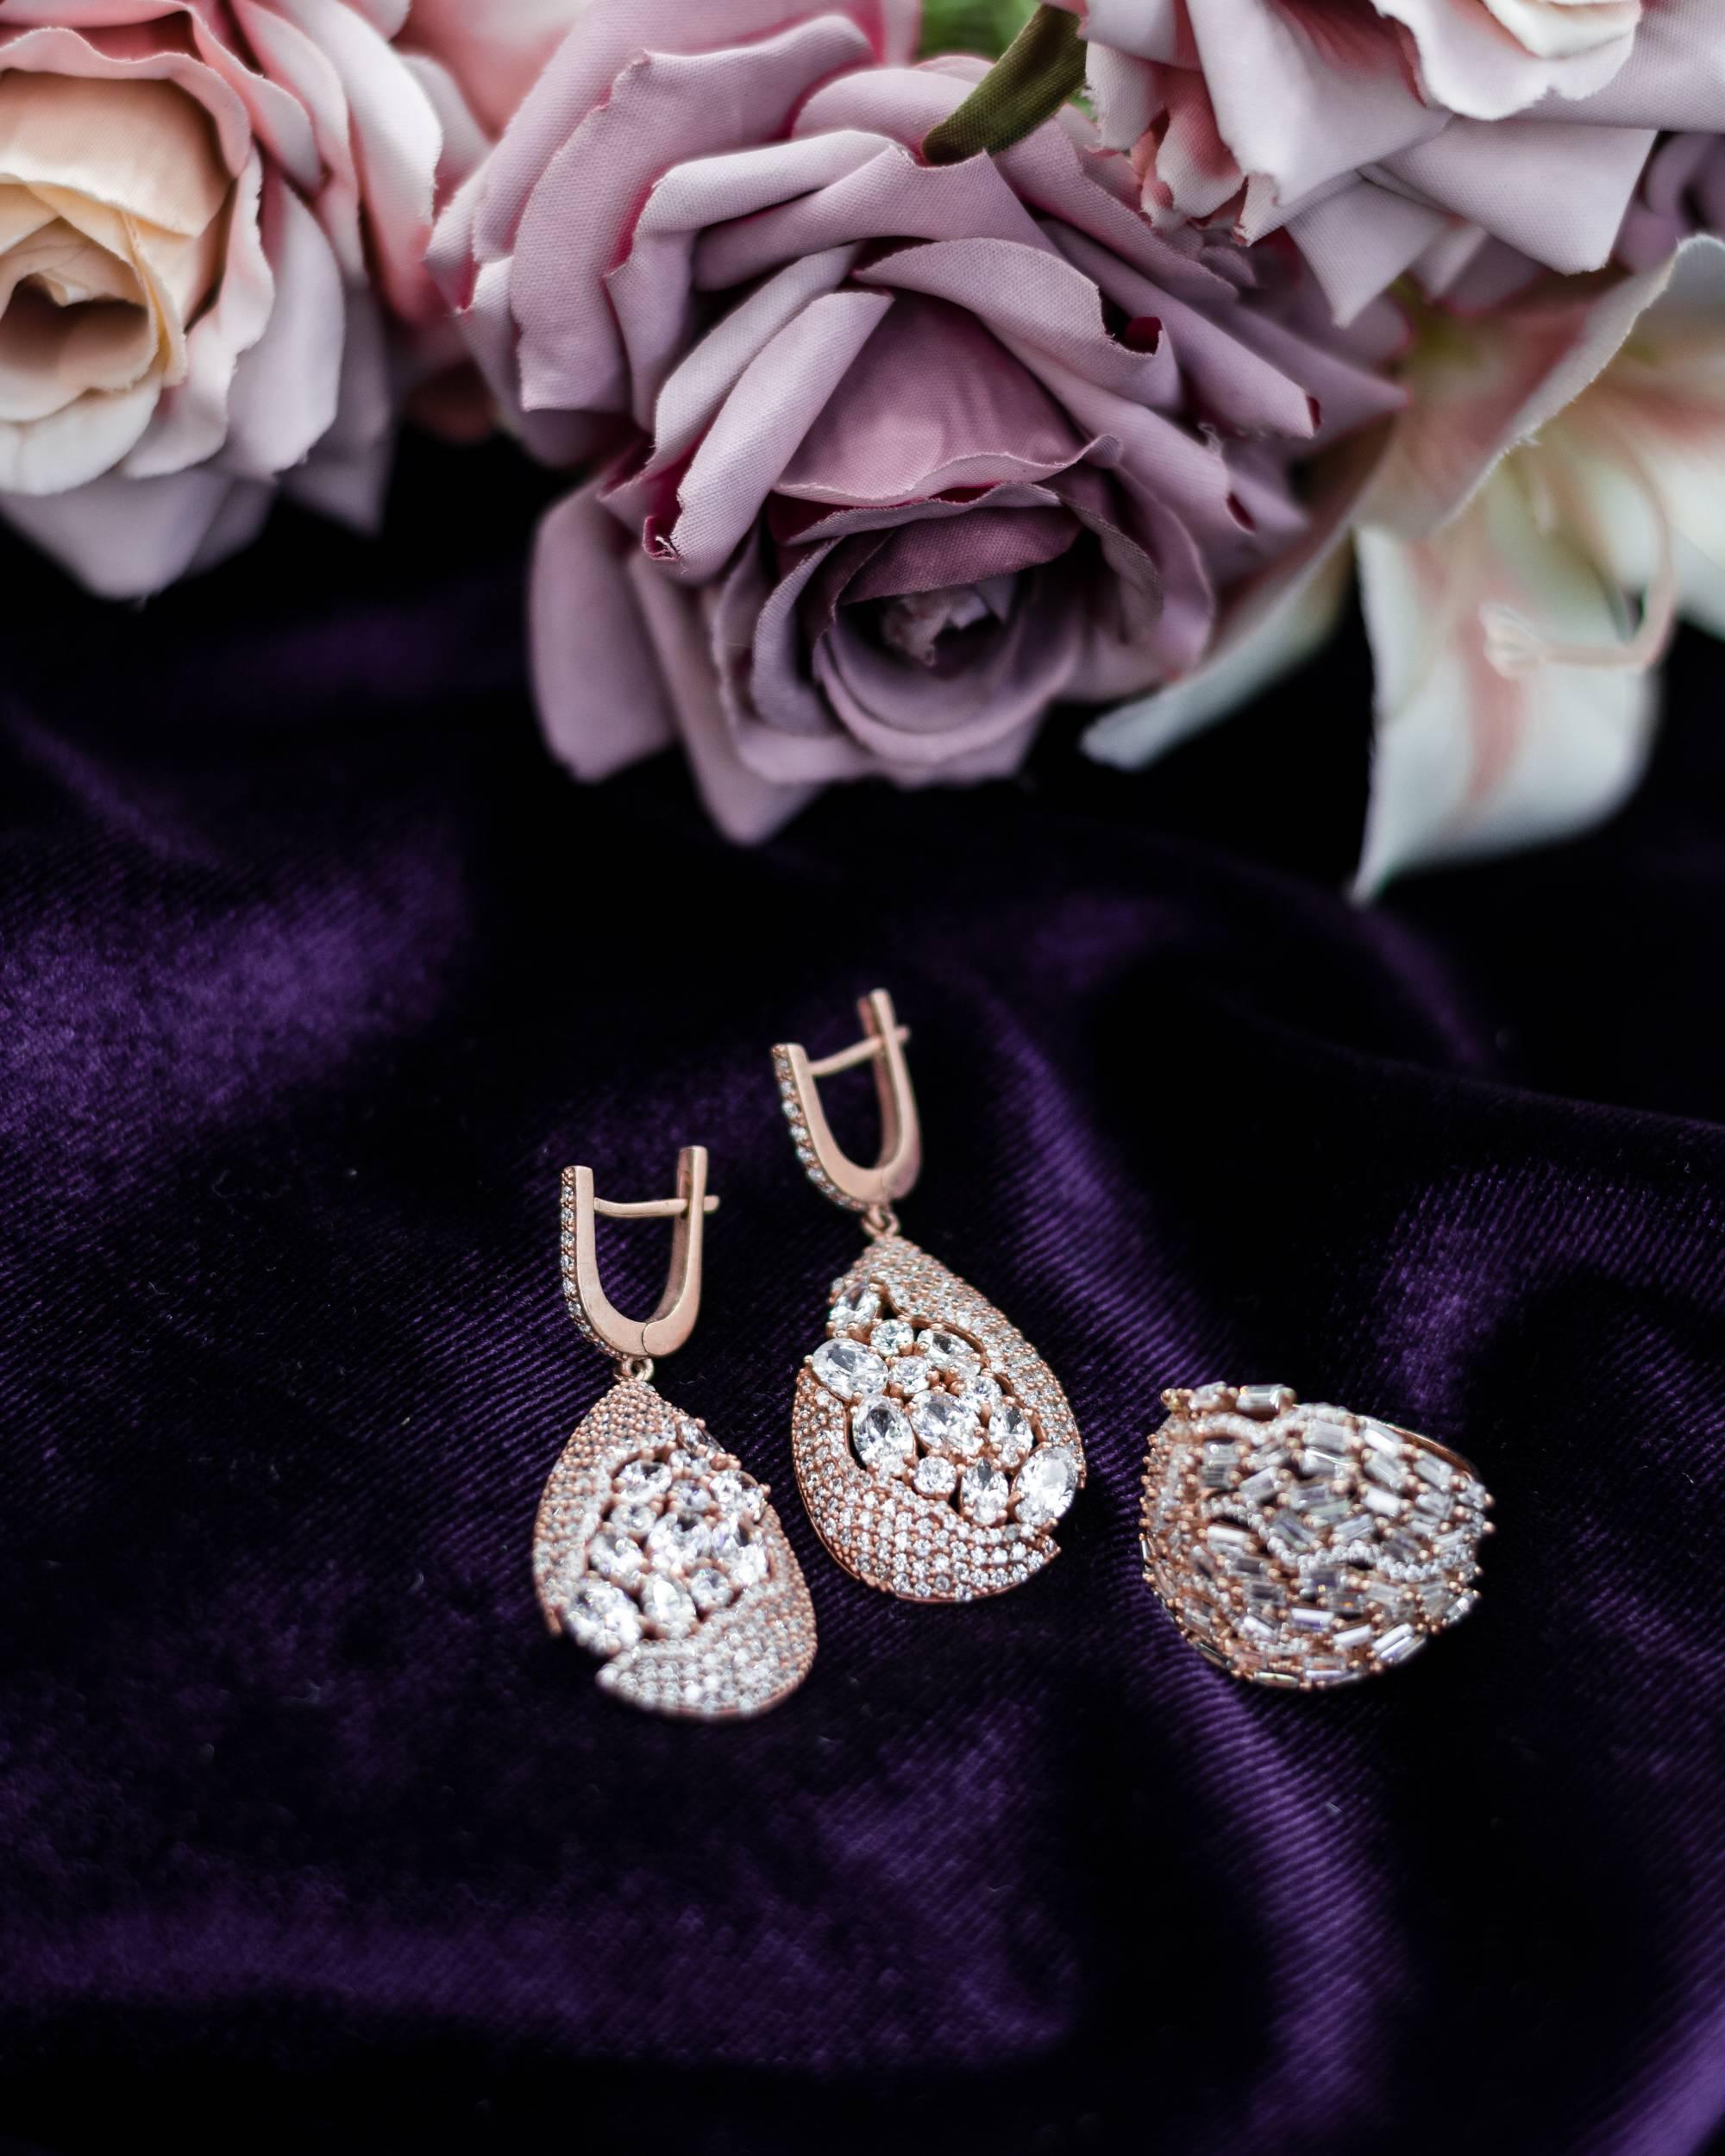 Double-J-Accessories-la-marque-de-bijoux-libanaise-engagee-2